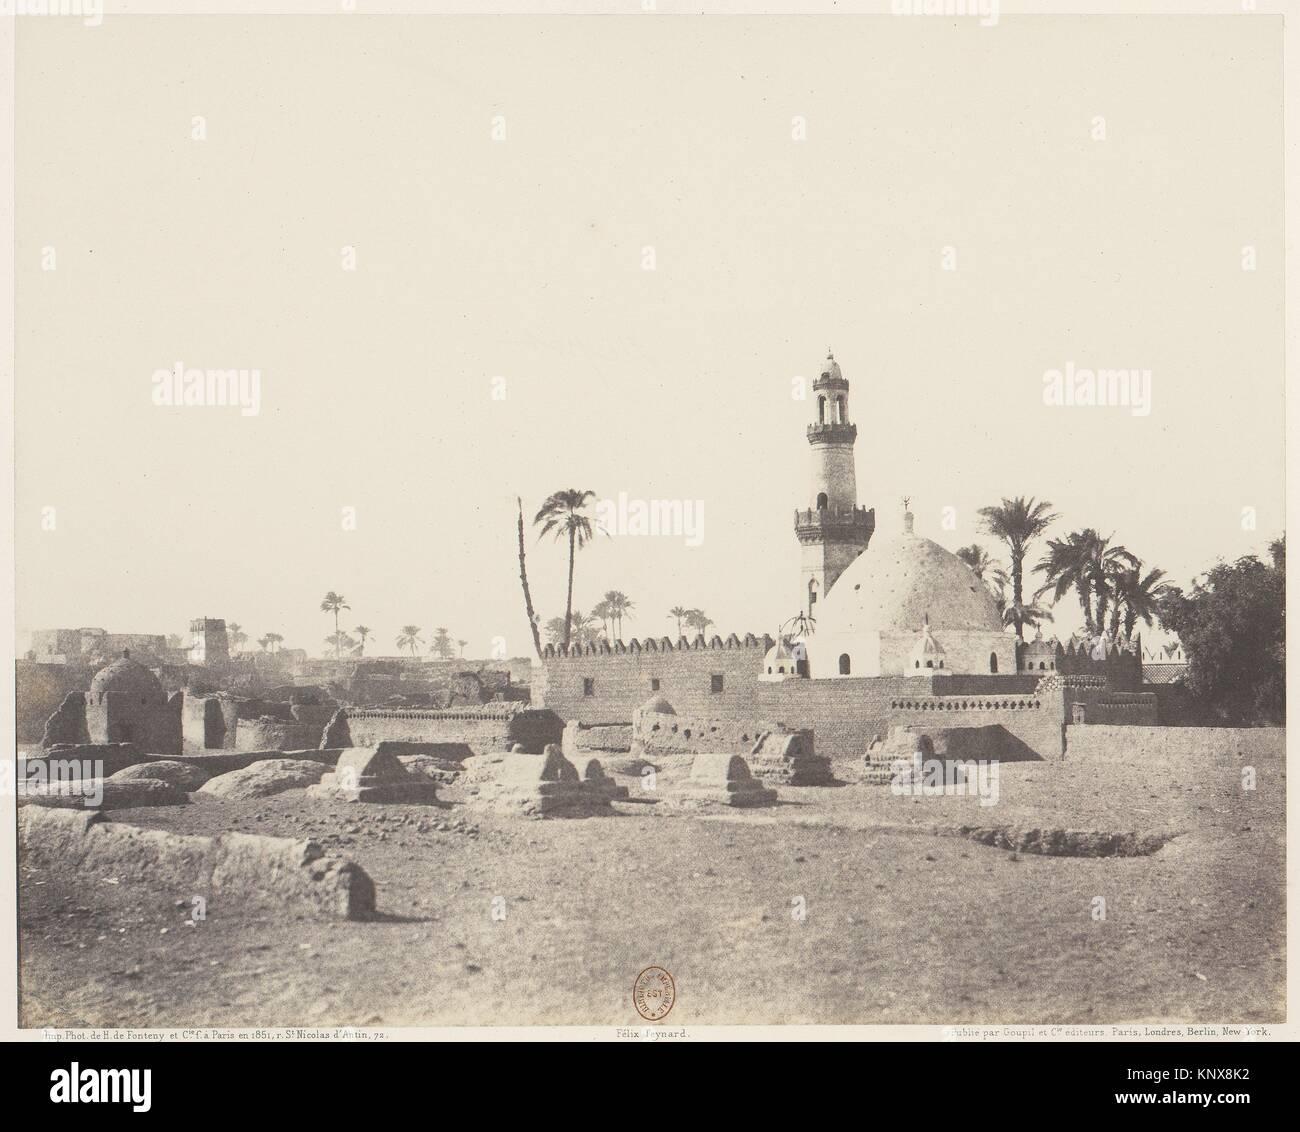 Souâdj, Cimetière Musulman et Tombeau de Mouràd-Bey. Artist: Félix Teynard (French, 1817-1892); - Stock Image